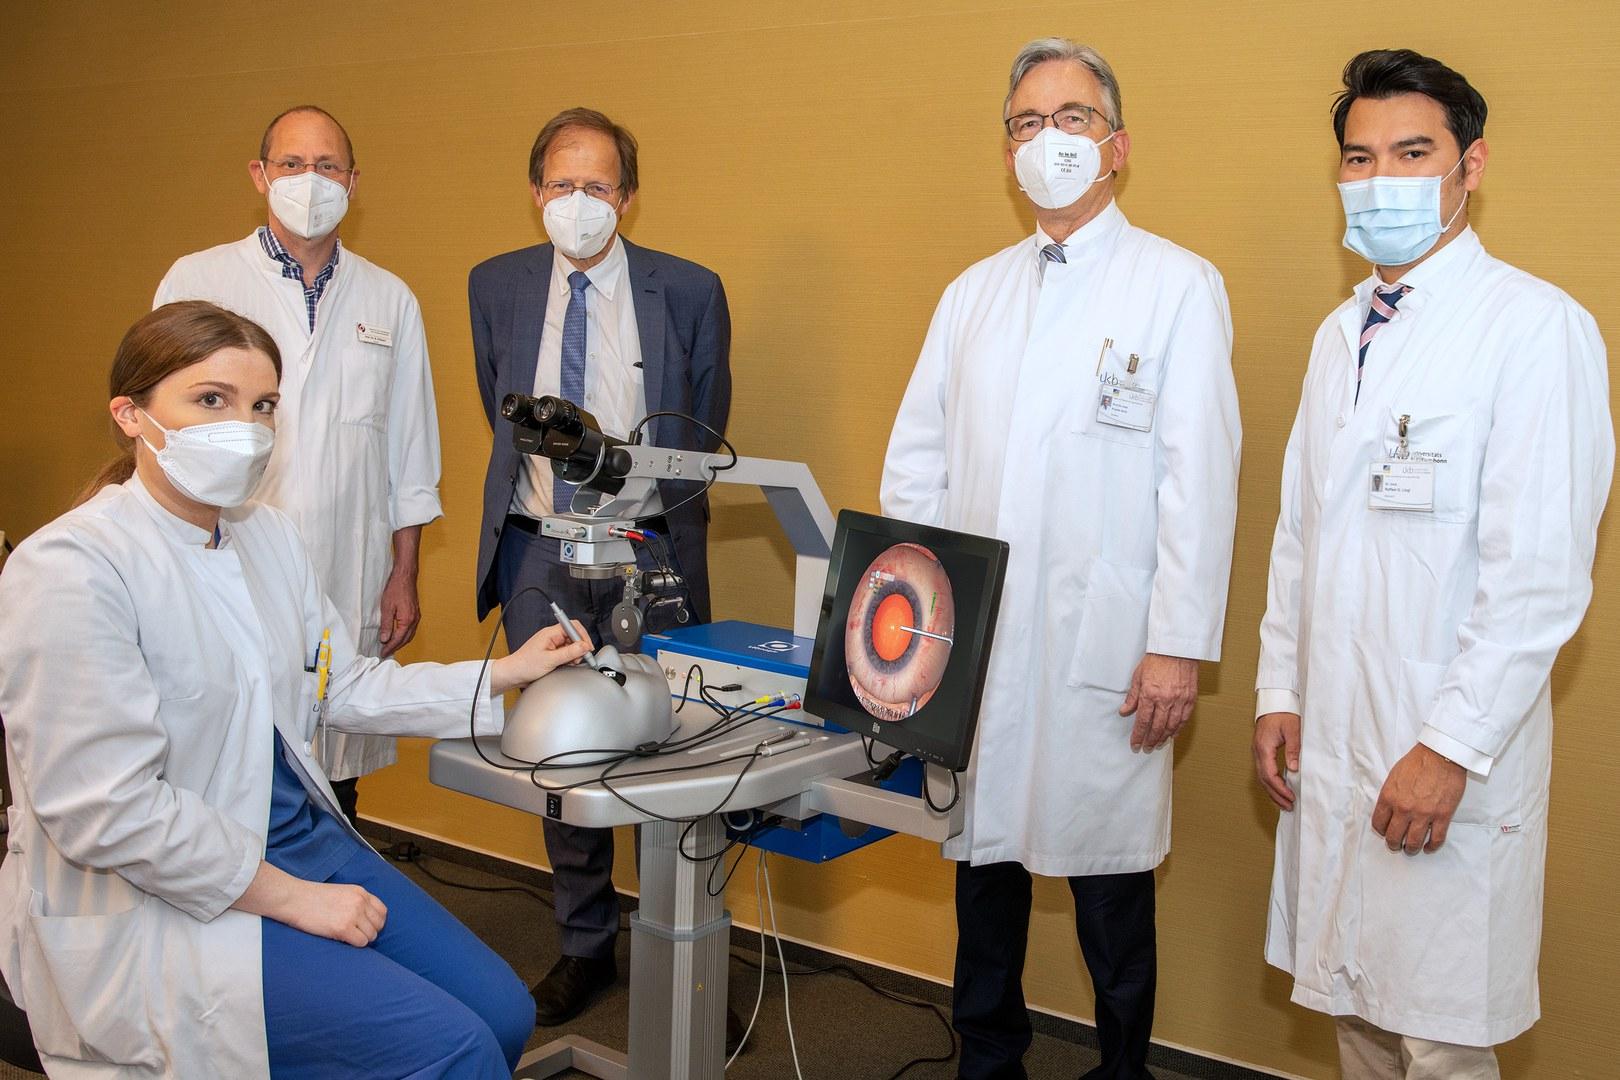 Neuer Augen-OP-Simulator an der Augenklinik des Universitätsklinikums Bonn für die Lehre in Betrieb genommen: